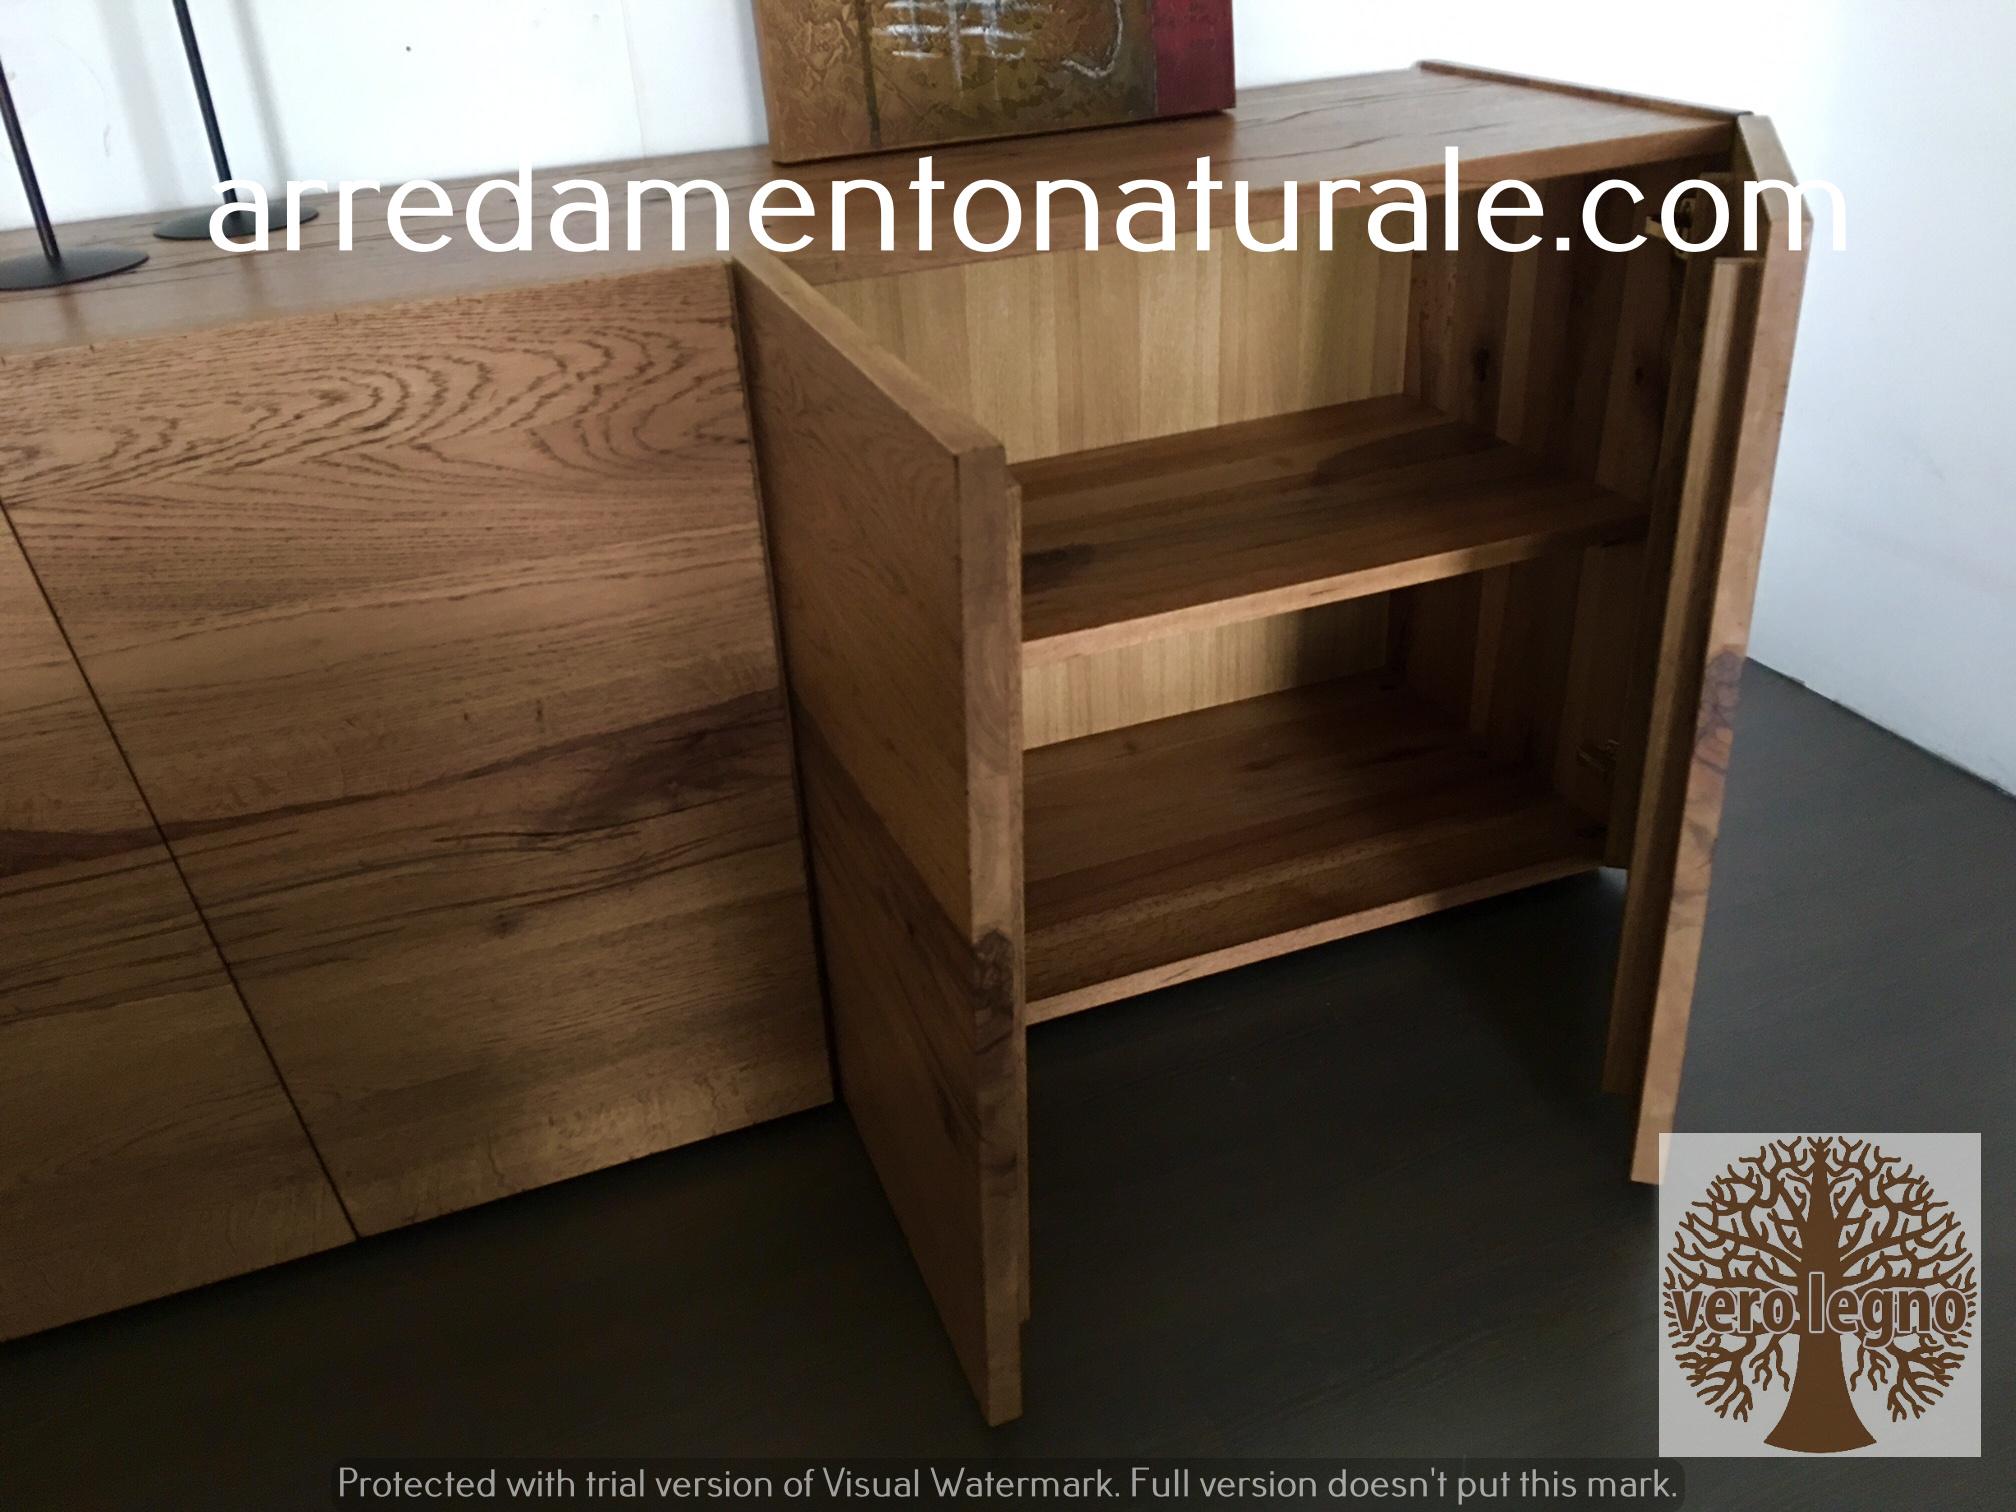 Fabbrica mobili in legno massiccio naturale for Produttori mobili veneto